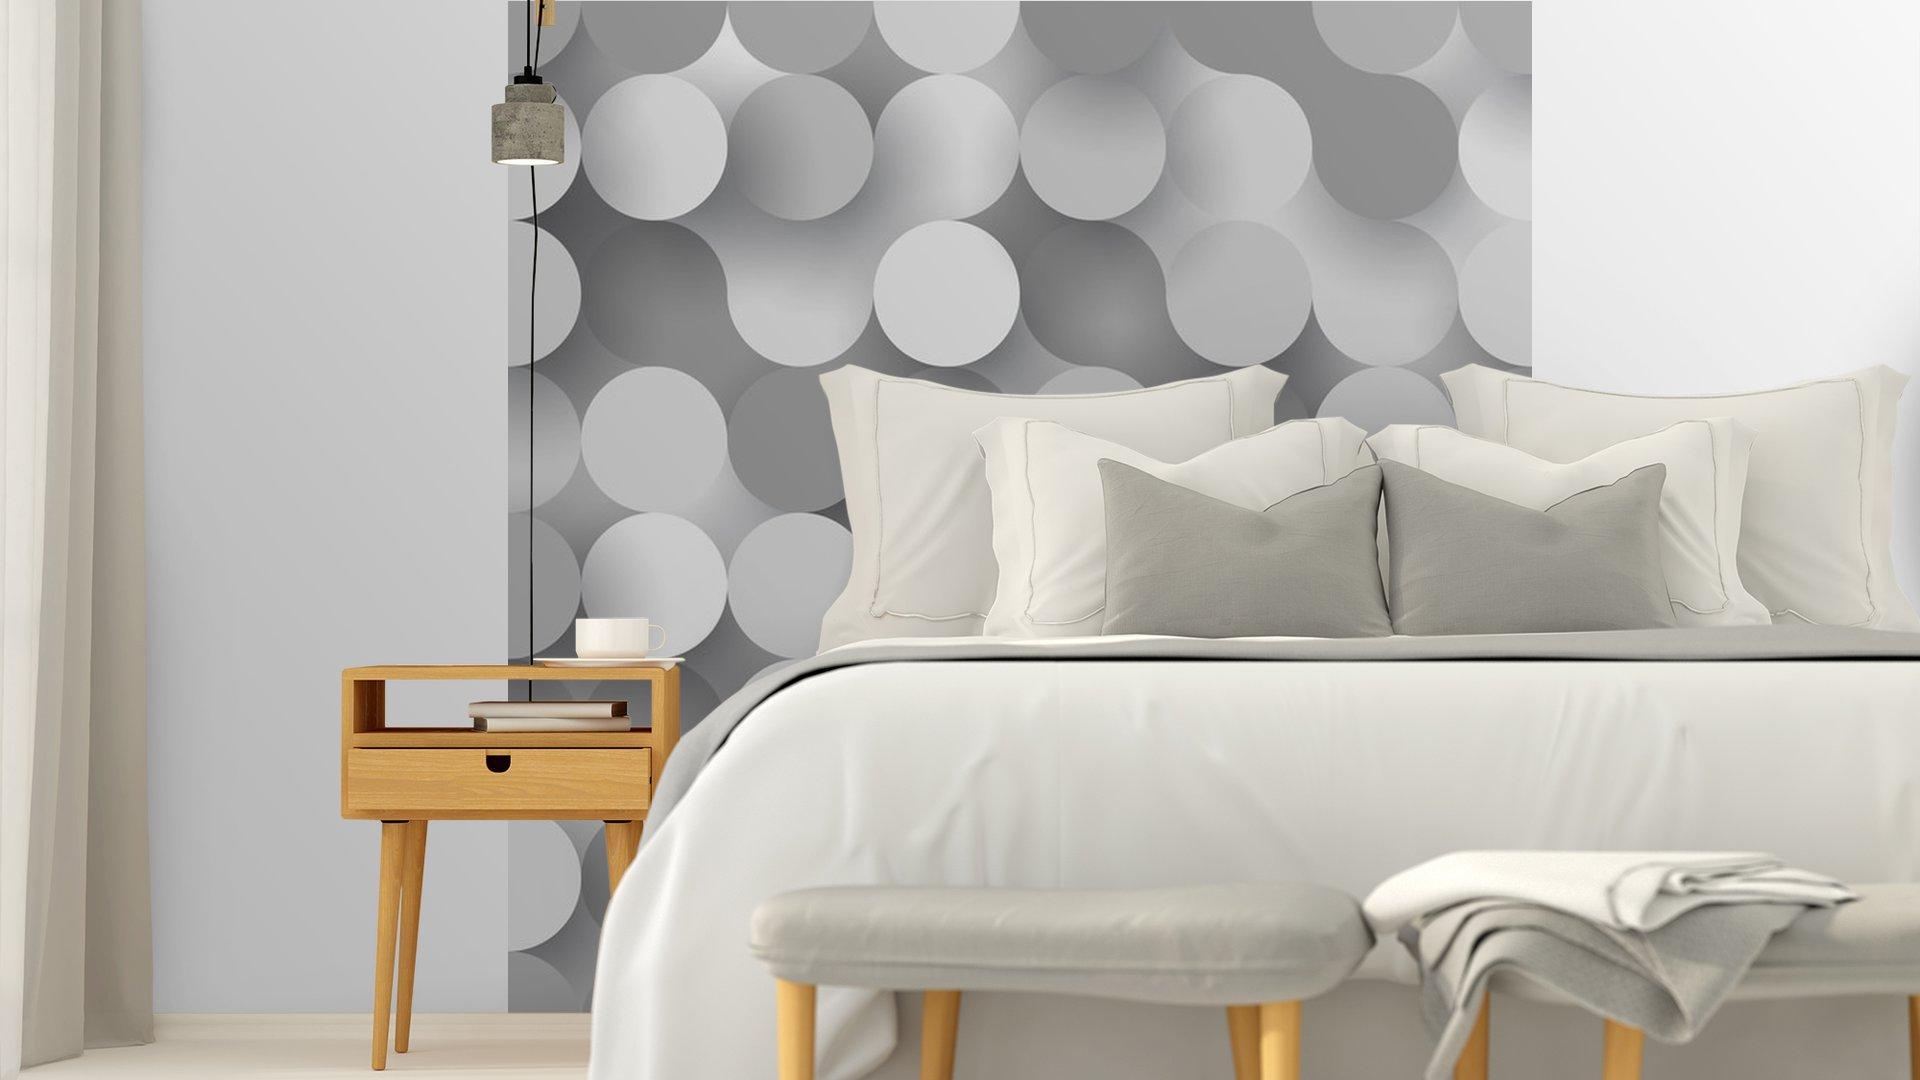 CÍRCULOS PLANAS SIN COSTURA5 - Fotomural Tapiz Tipo Abstracto Fondo Blanco